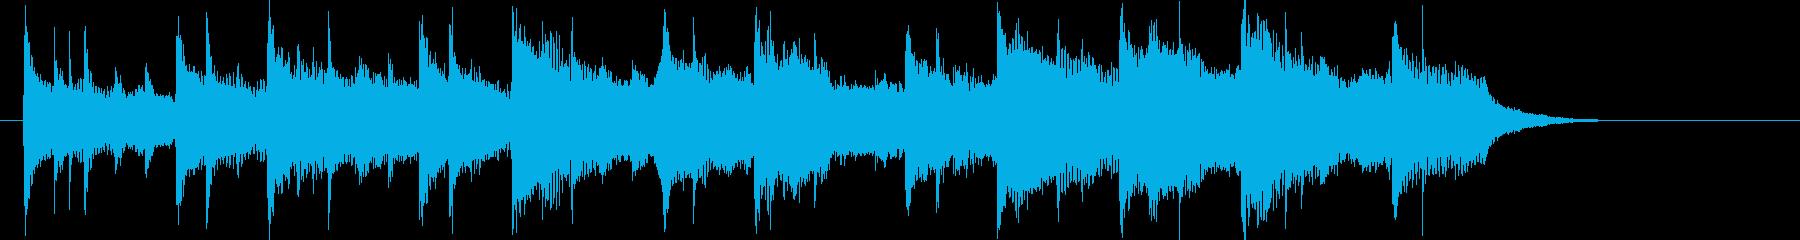 スローテンポで不思議な落ち着きの短い曲の再生済みの波形